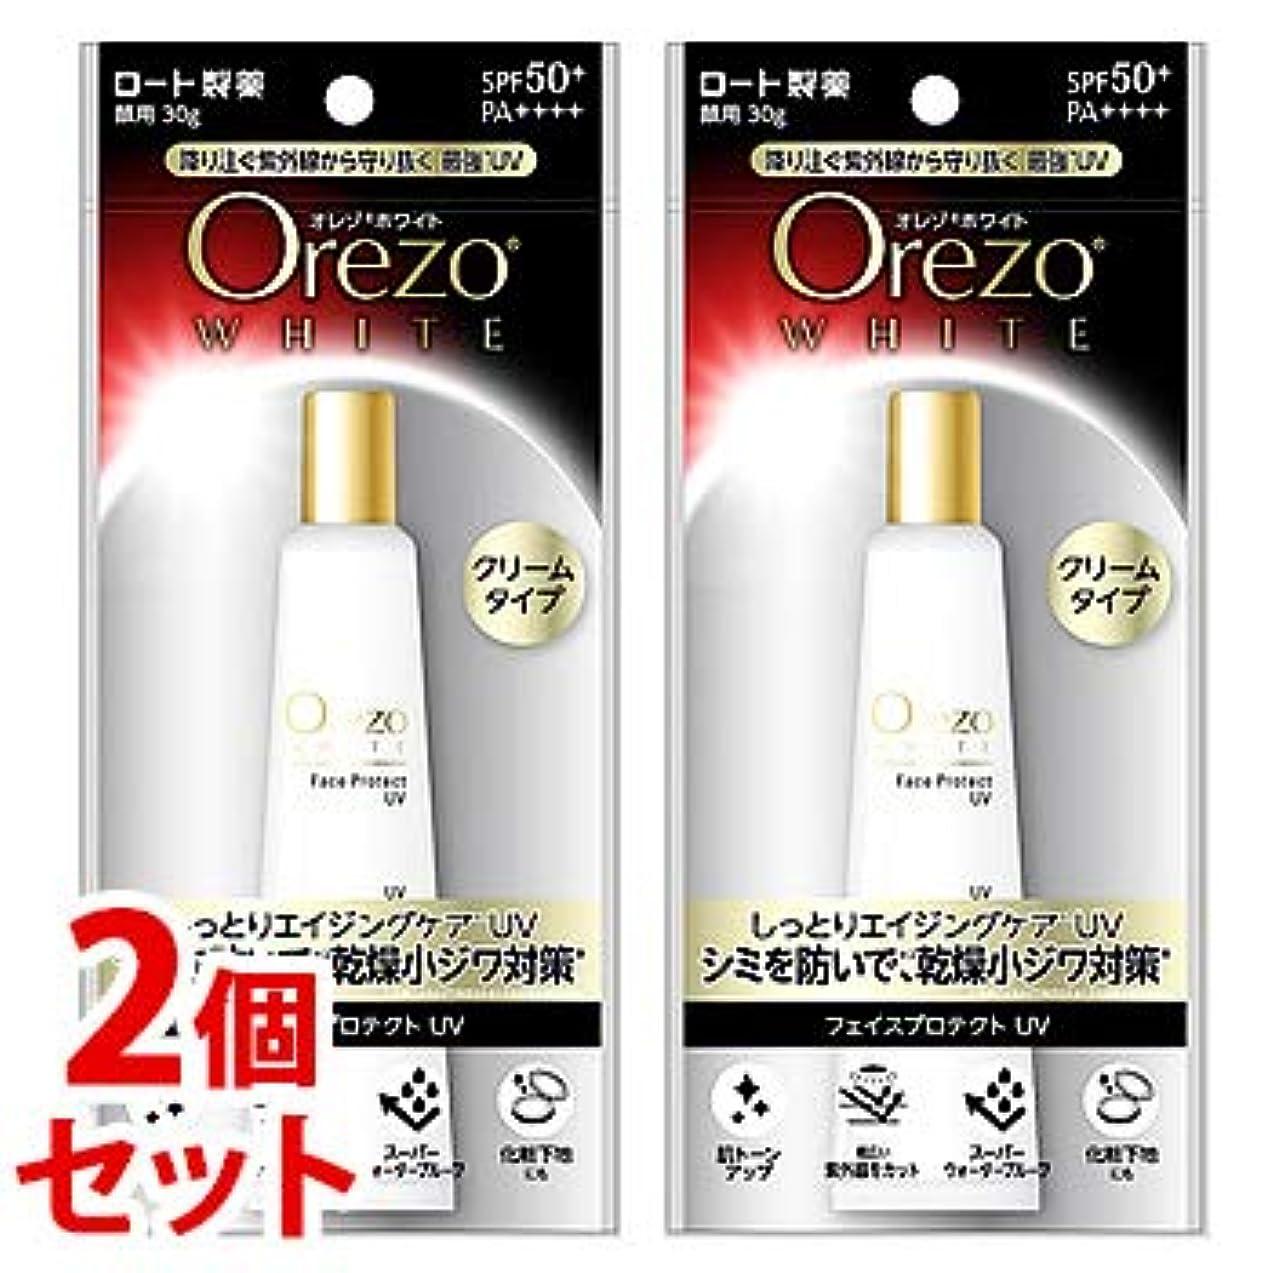 スペル加速度アクセス《セット販売》 ロート製薬 Orezo オレゾ ホワイト フェイスプロテクトUV SPF50+ PA++++ (30g)×2個セット 顔用 日やけ止め 化粧下地 クリームタイプ